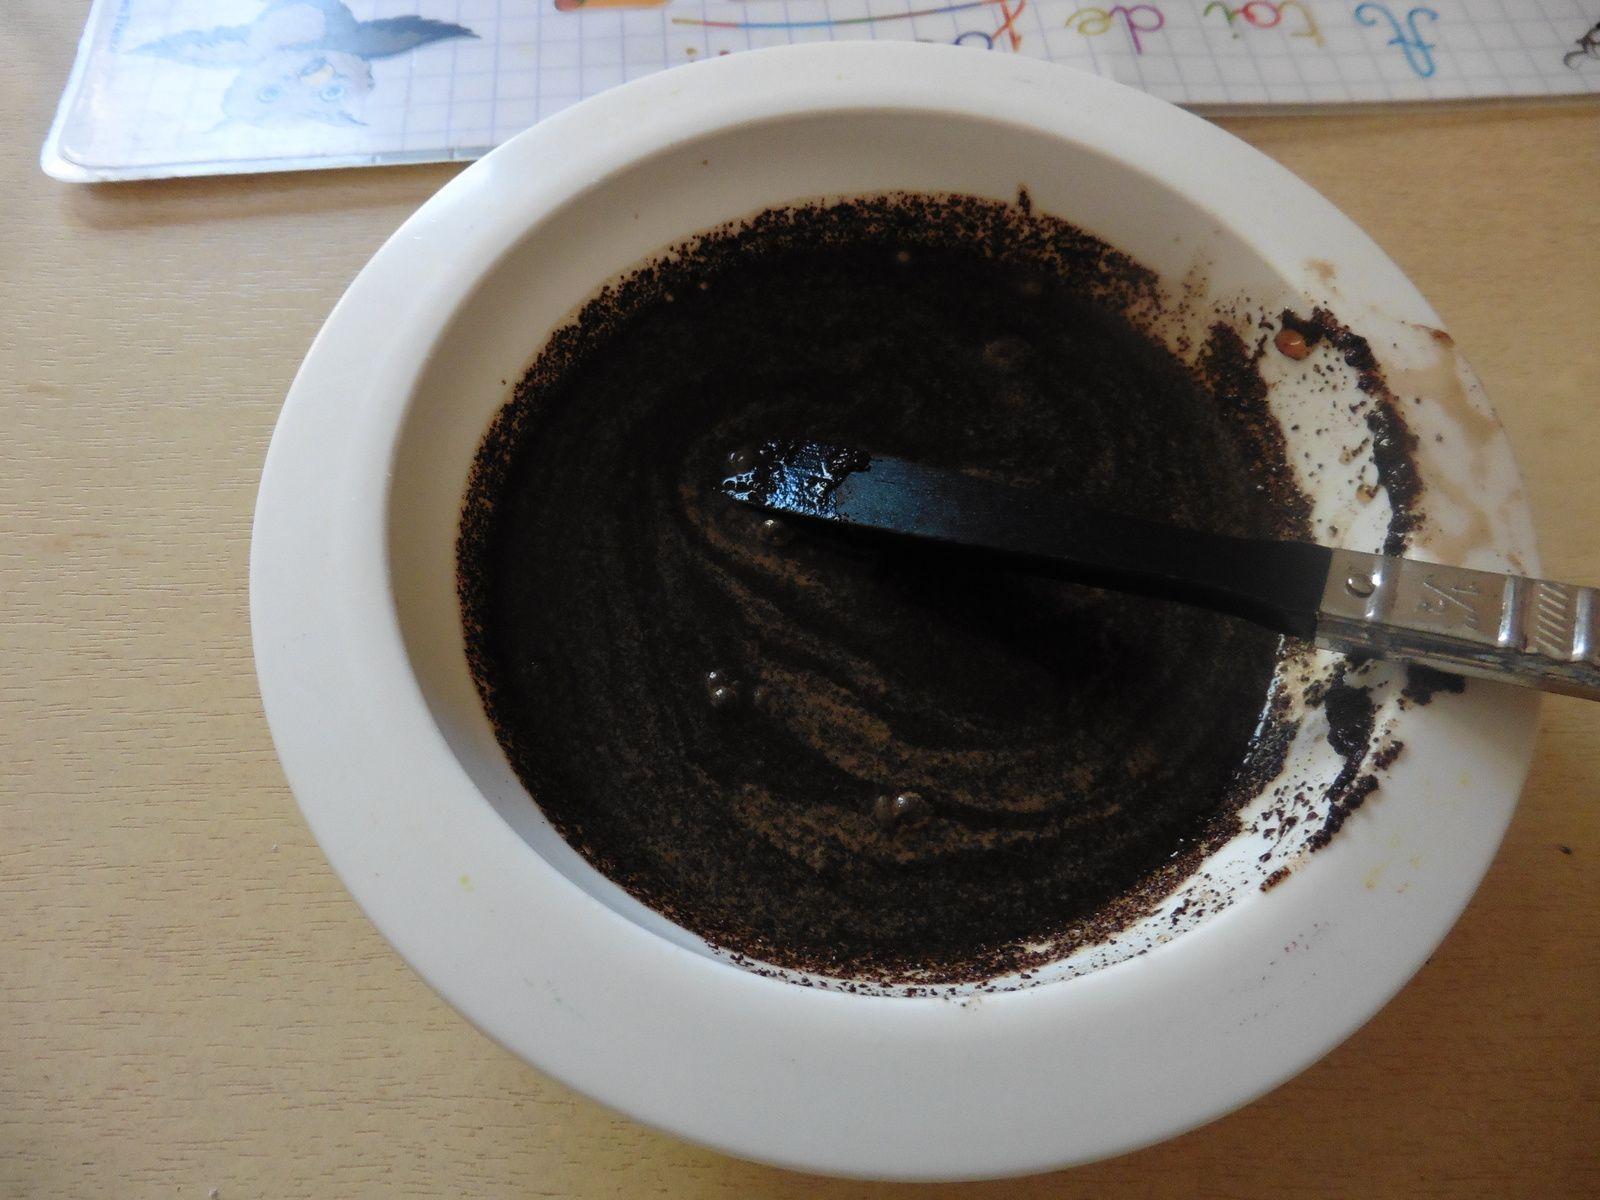 Mélanger le café avec l'eau, recouvrir ensuite la feuille avec le mélange - recto verso